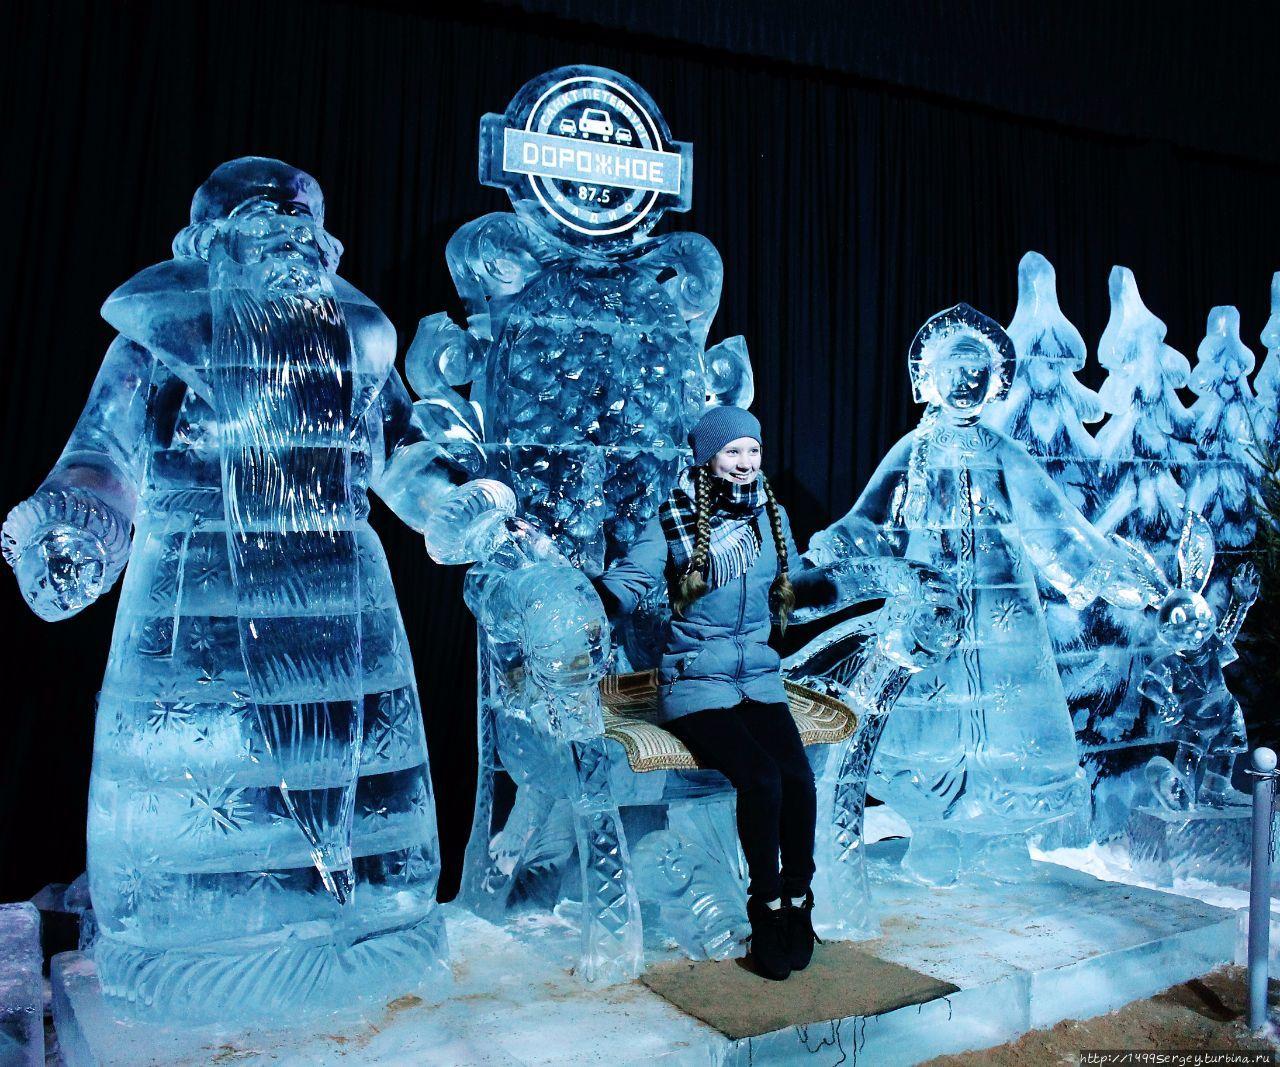 движение значение ледовые скульптуры фото герои сказок вариантов